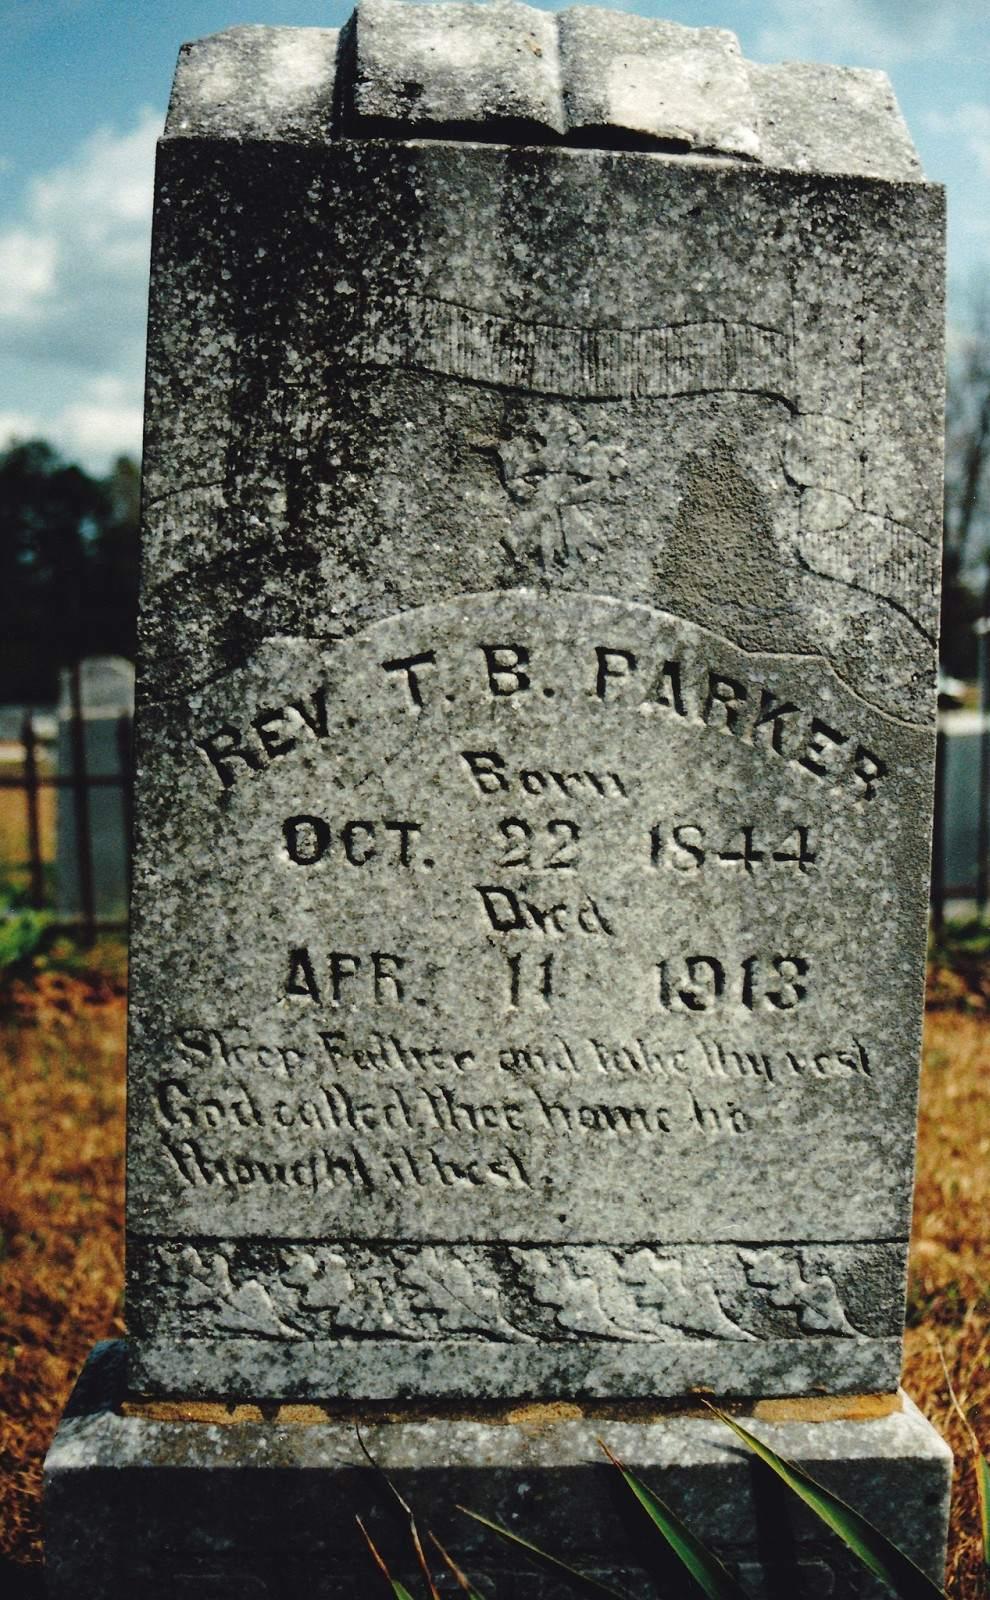 T.B. Parker grave